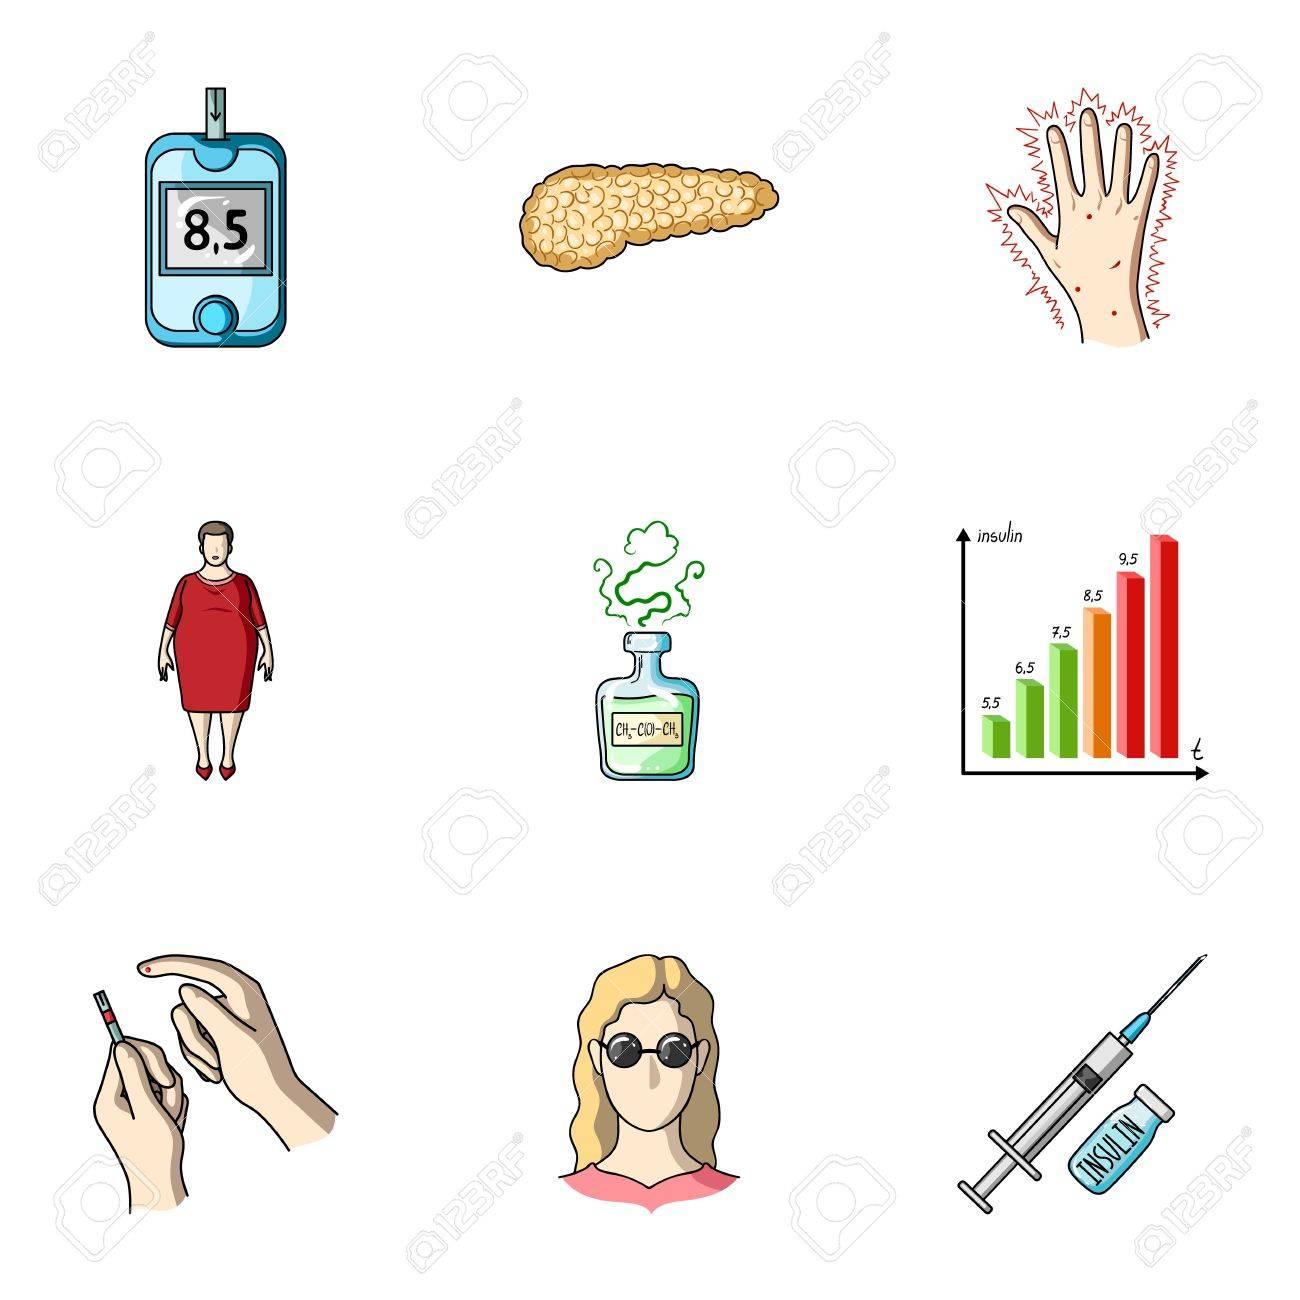 síntomas conjuntos de culasse de diabetes